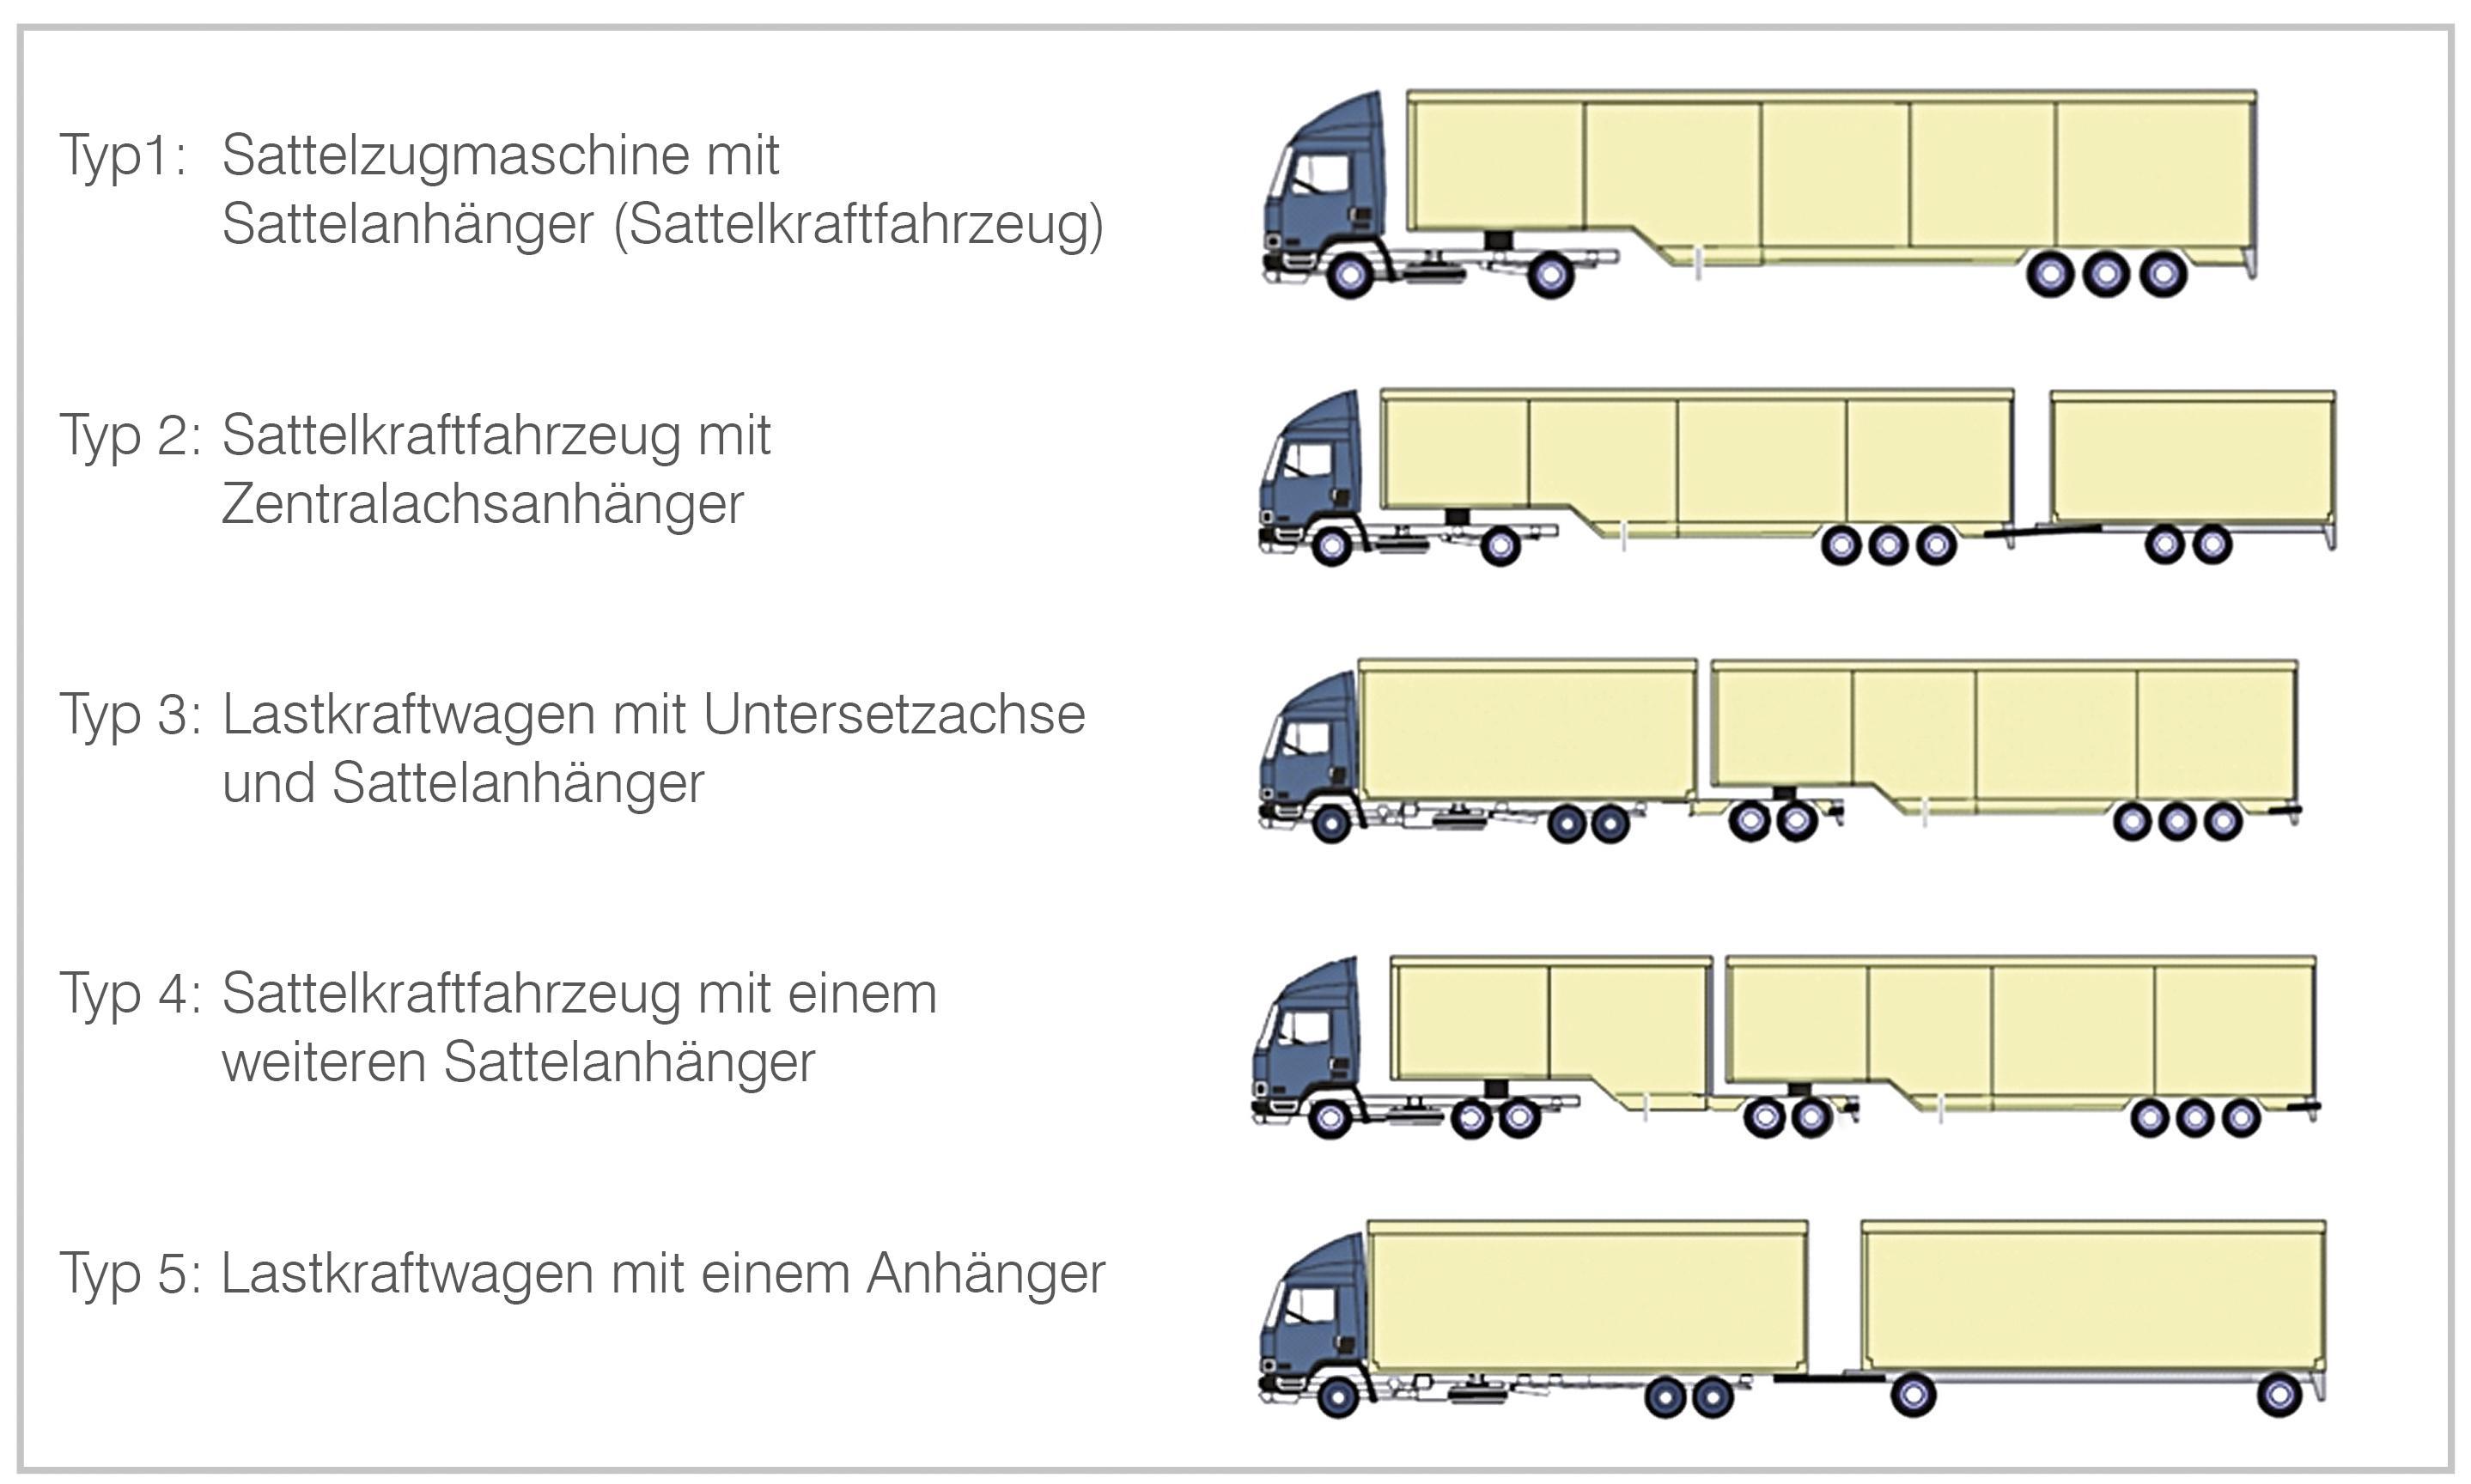 Germania vrea să extindă rețeaua de drumuri pentru camioane ultra-lungi